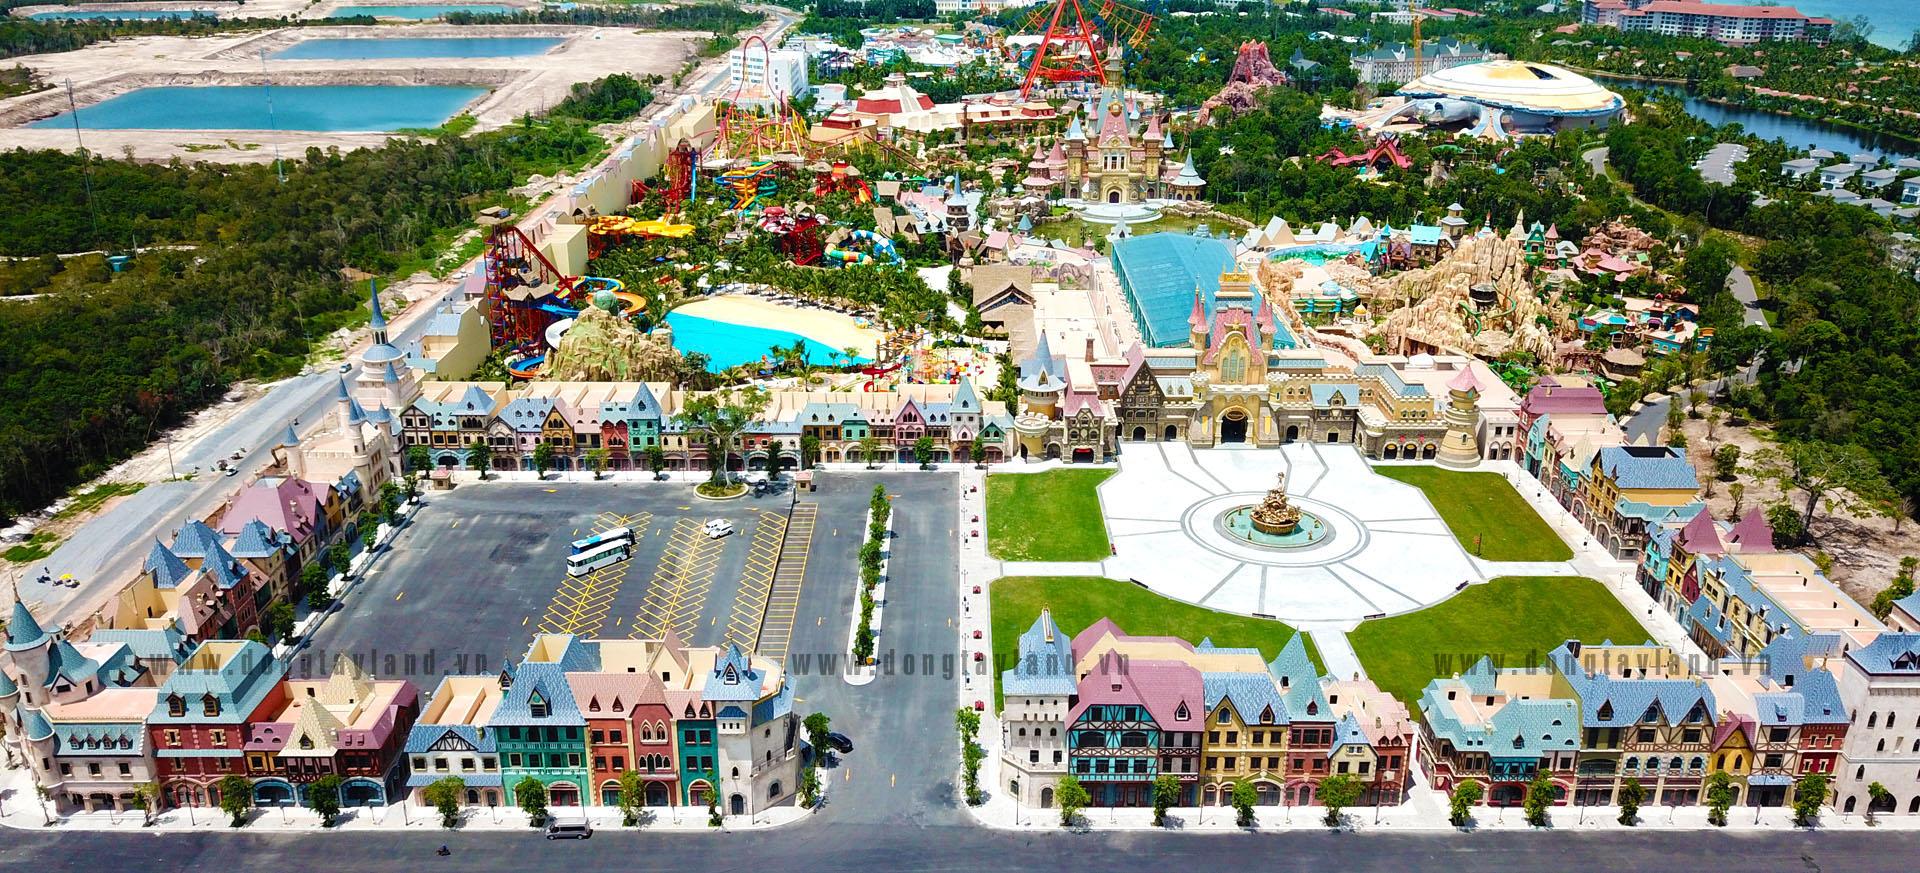 Shop VinWonders Phú Quốc – Đầu tư vượt trội tại thiên đường vui chơi giải trí lớn nhất Việt Nam